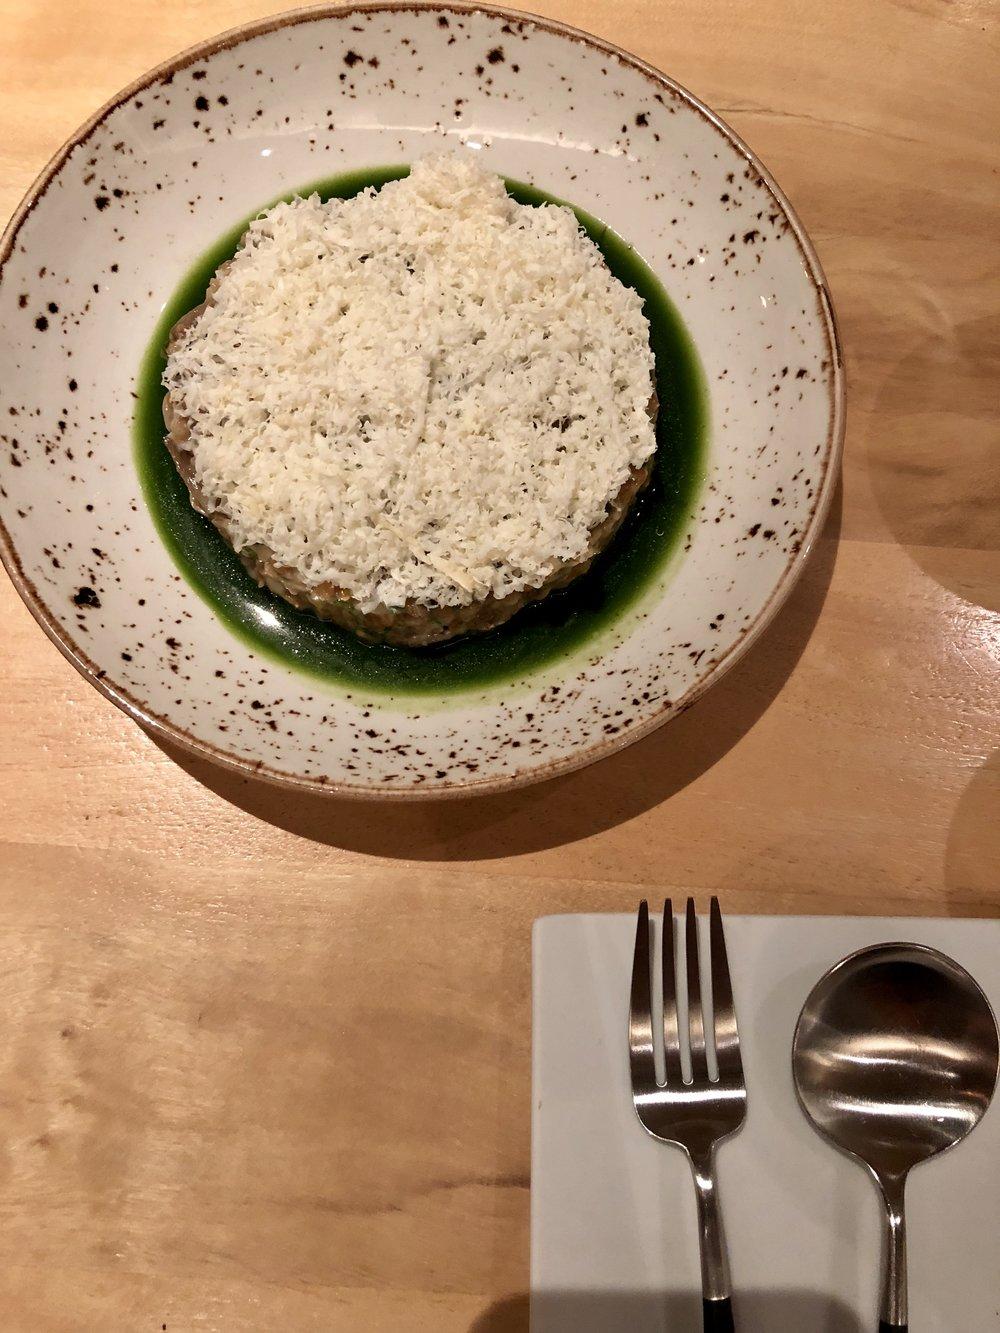 Risotta dish at In Situ SFMOMA